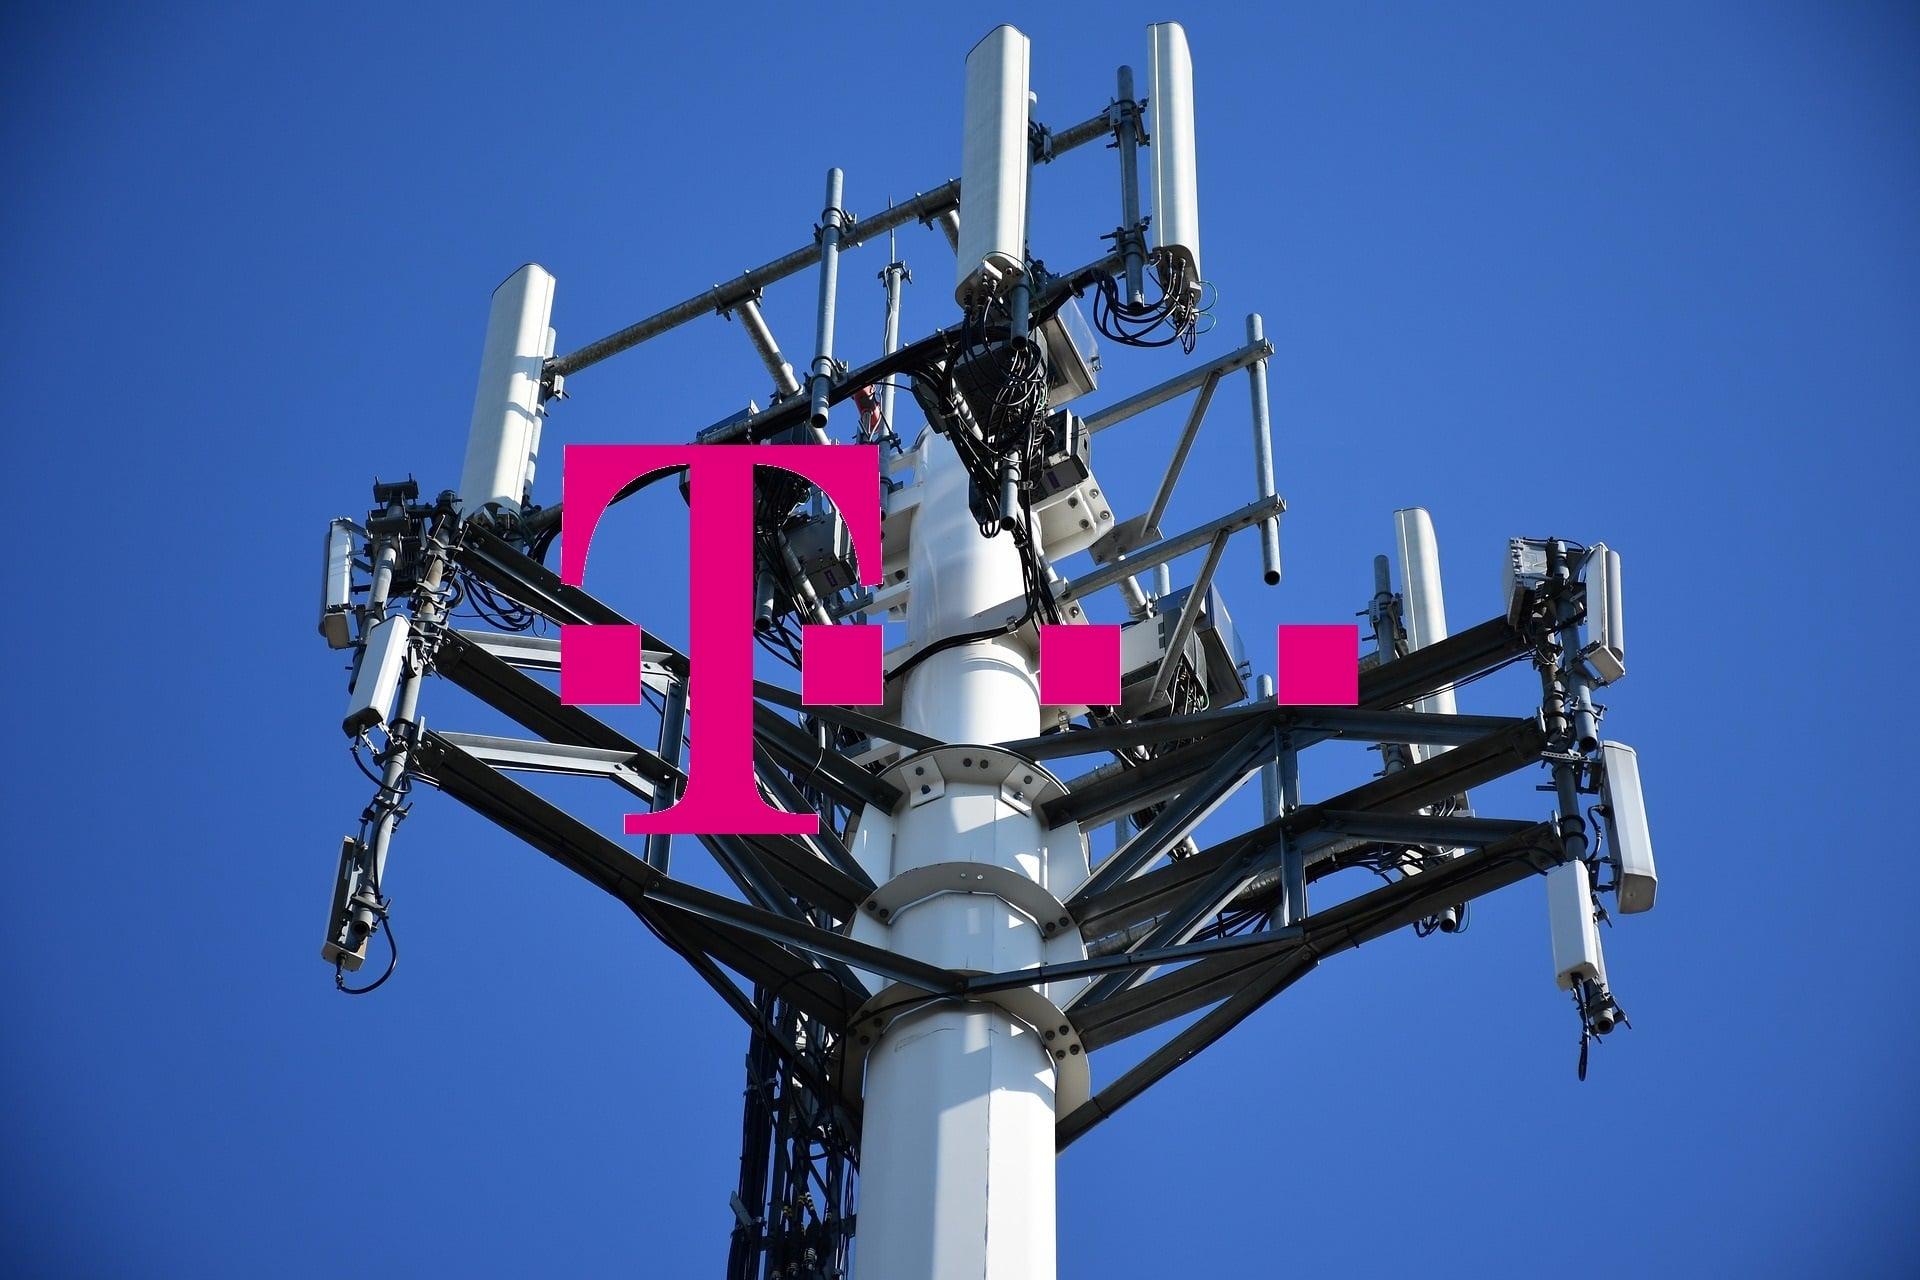 W zasięgu 5G T-Mobile jest już ponad 6 mln mieszkańców Polski. Sieć wkrótce wyłączy 3G